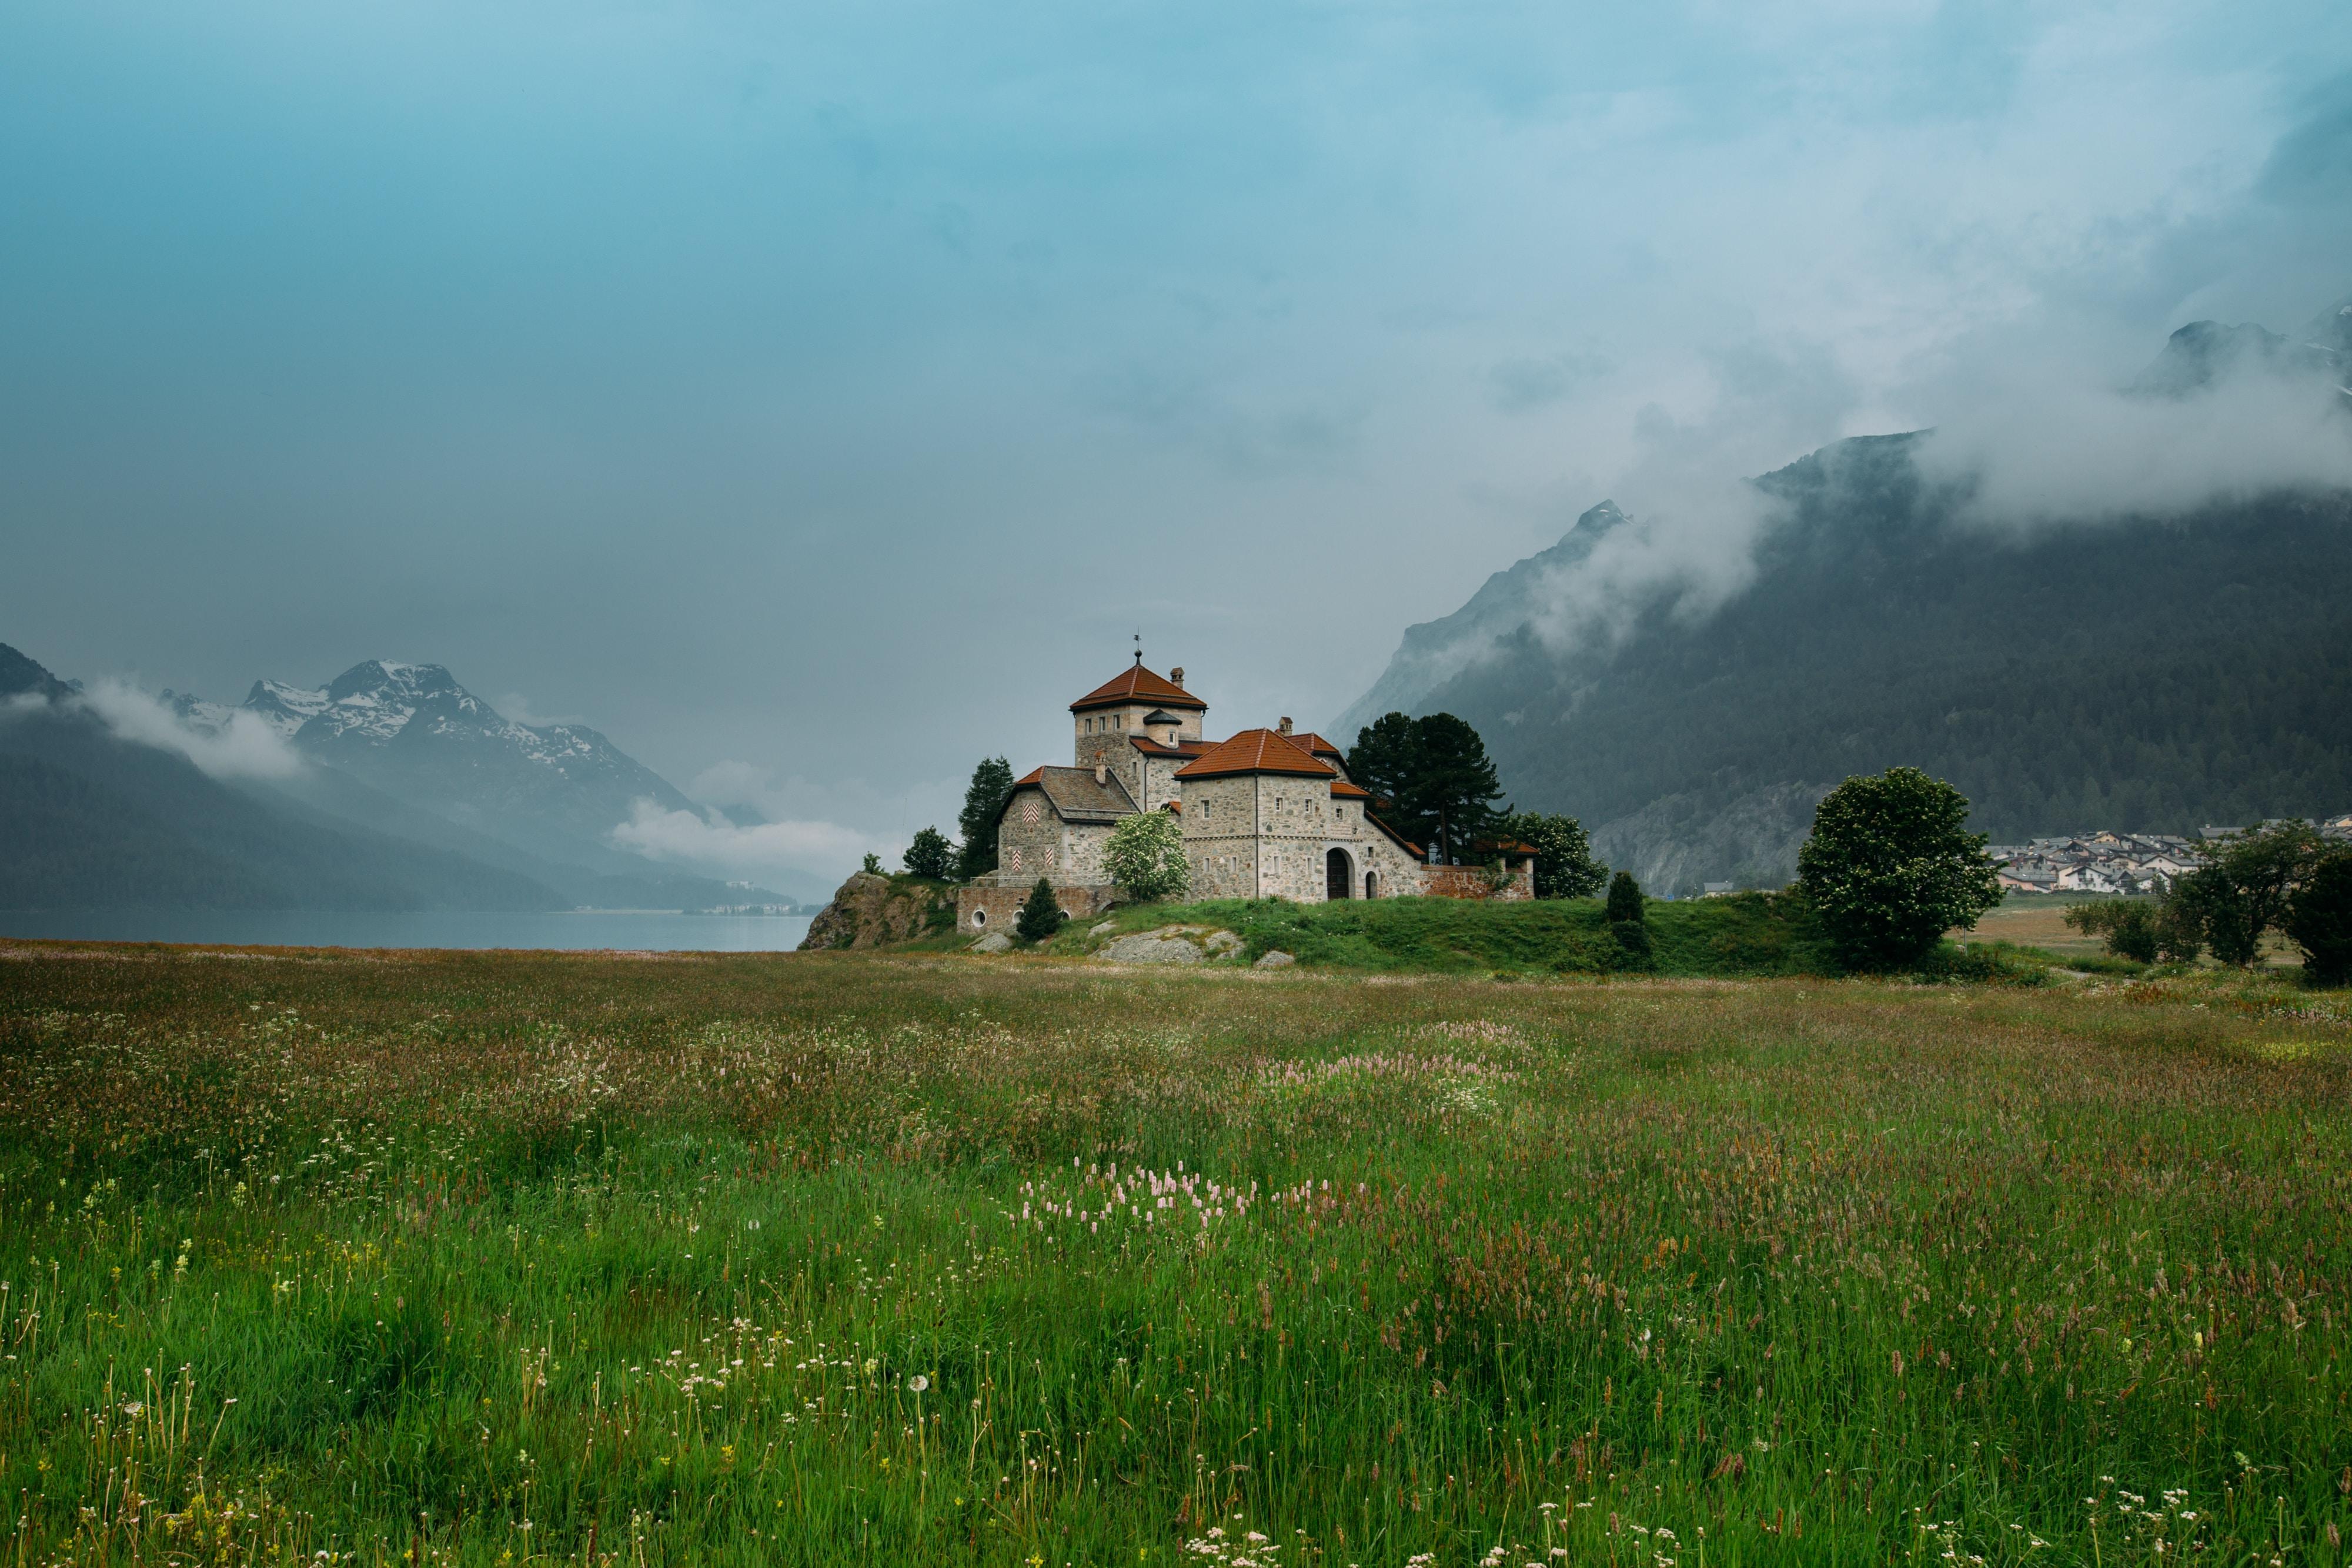 Historic castle in a grassy field in Saint Moritz